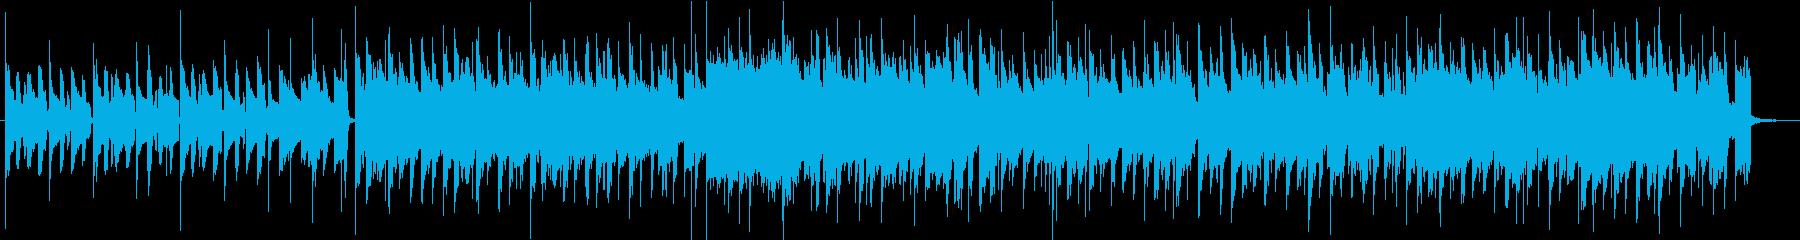 シンプルさが動画配信にぴったりの再生済みの波形